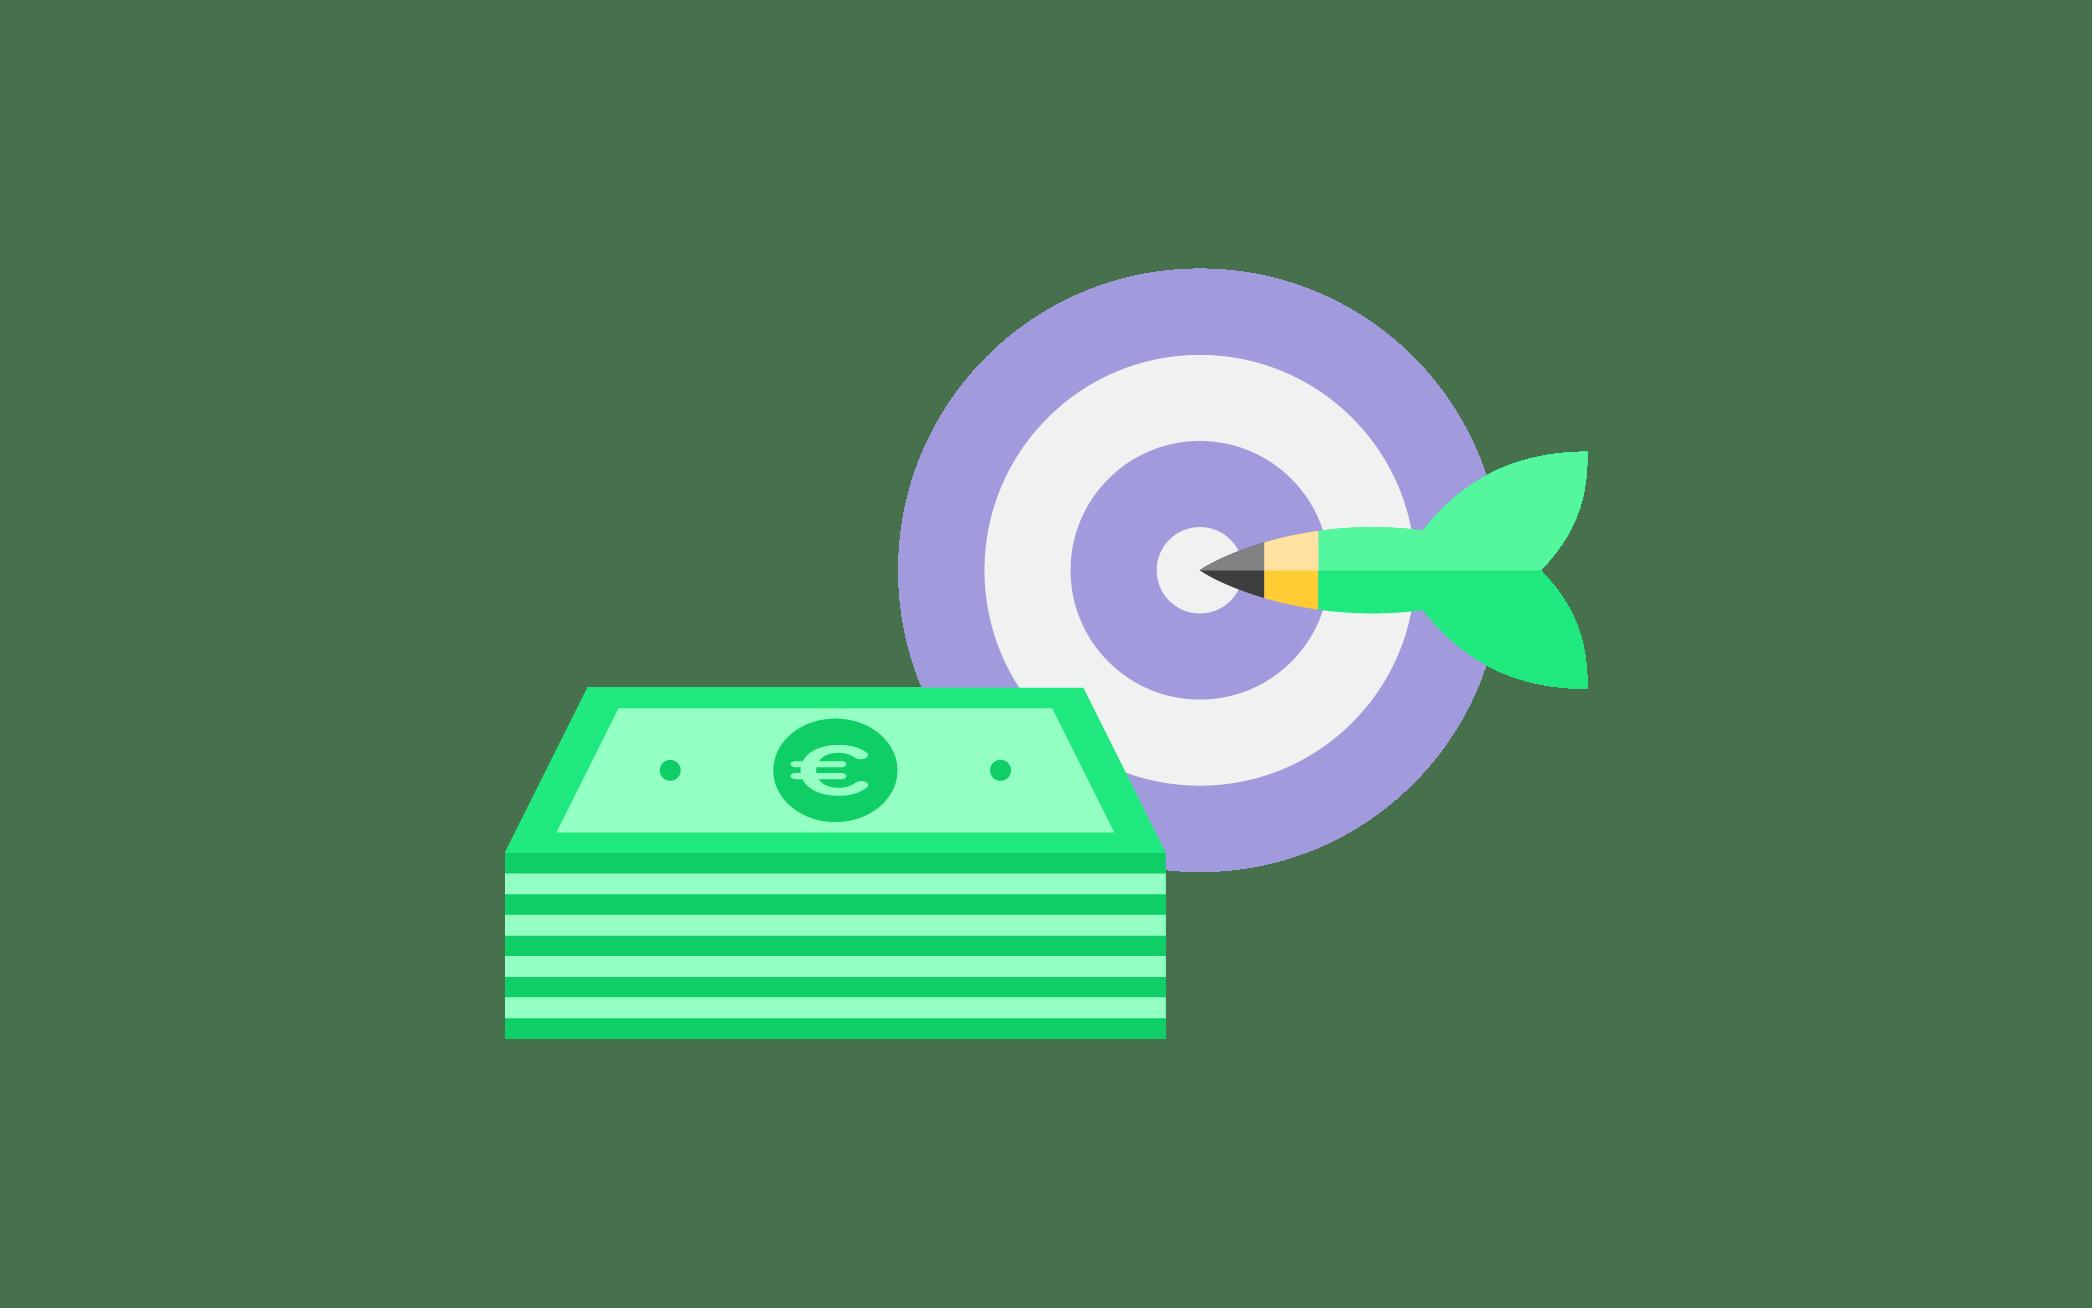 Preisstrategien für MBA